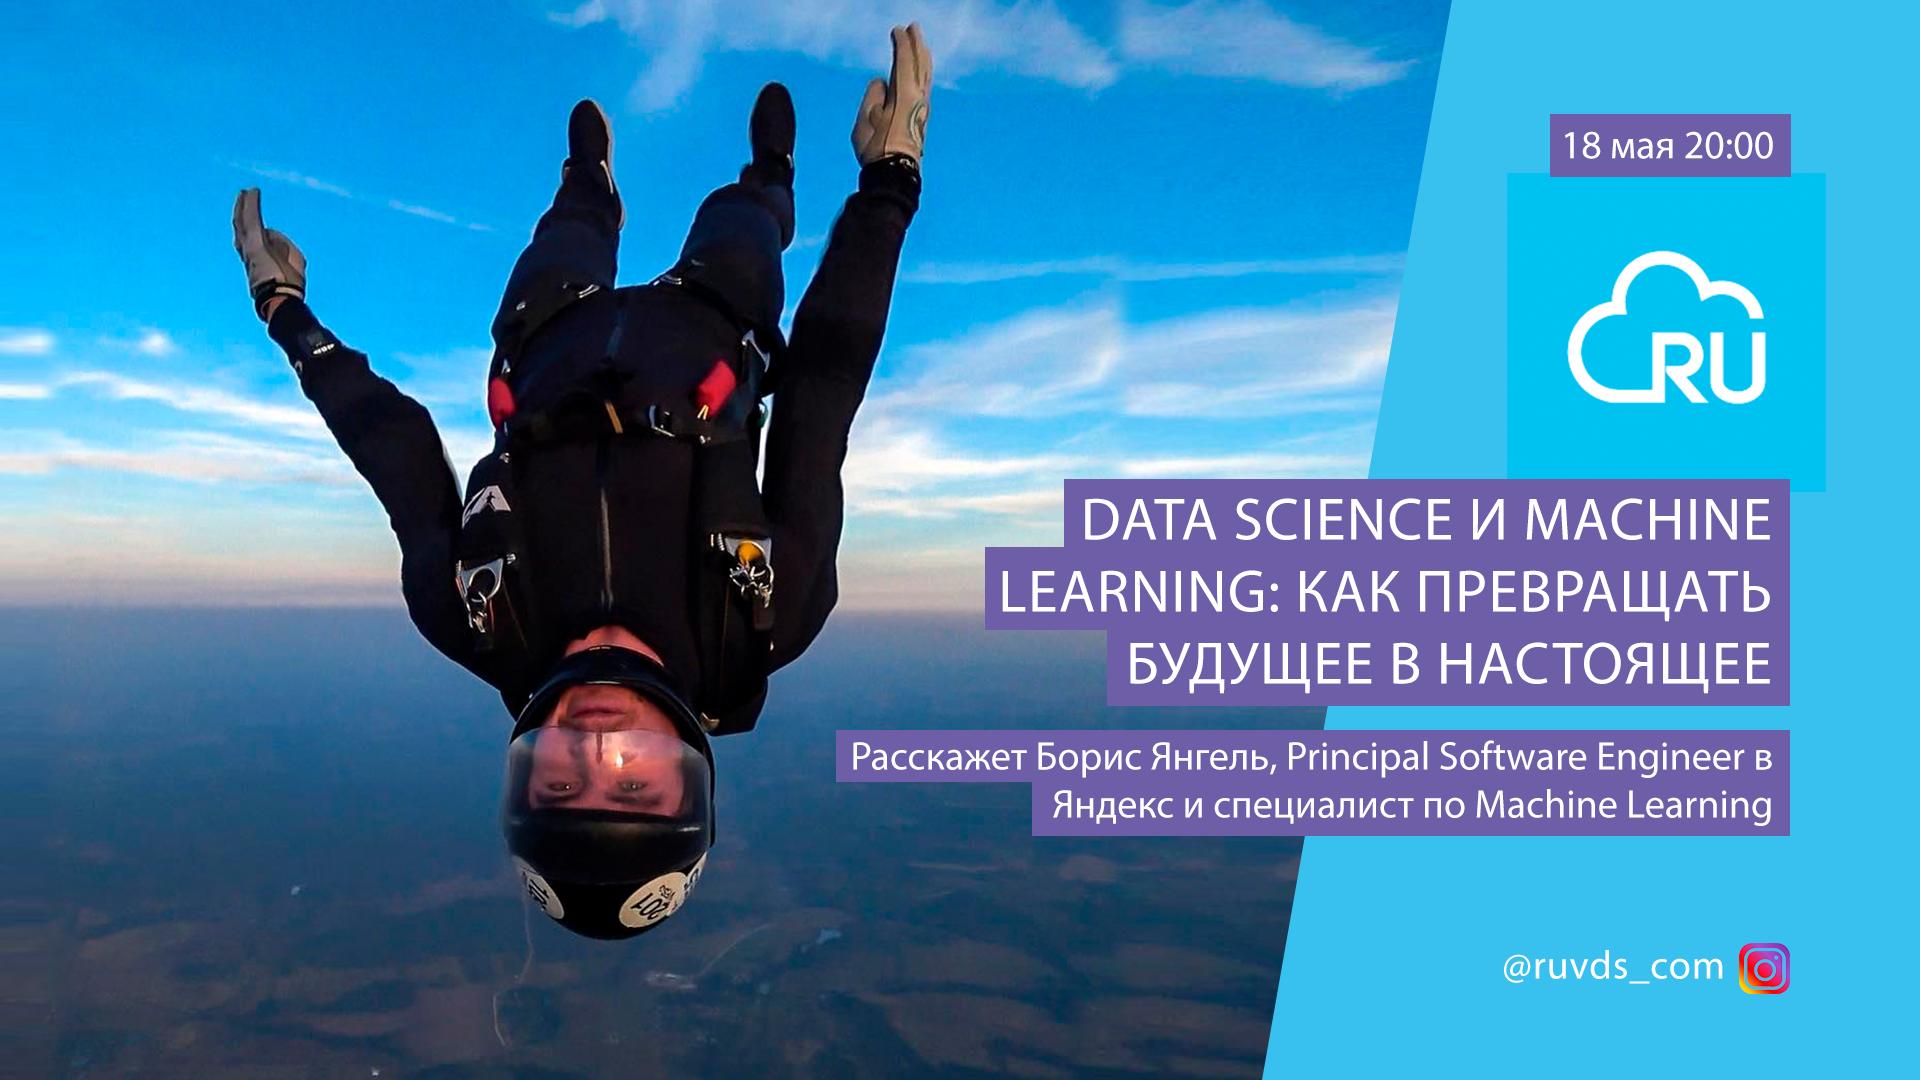 Data Science и Machine Learning: как превращать будущее в настоящее - 1